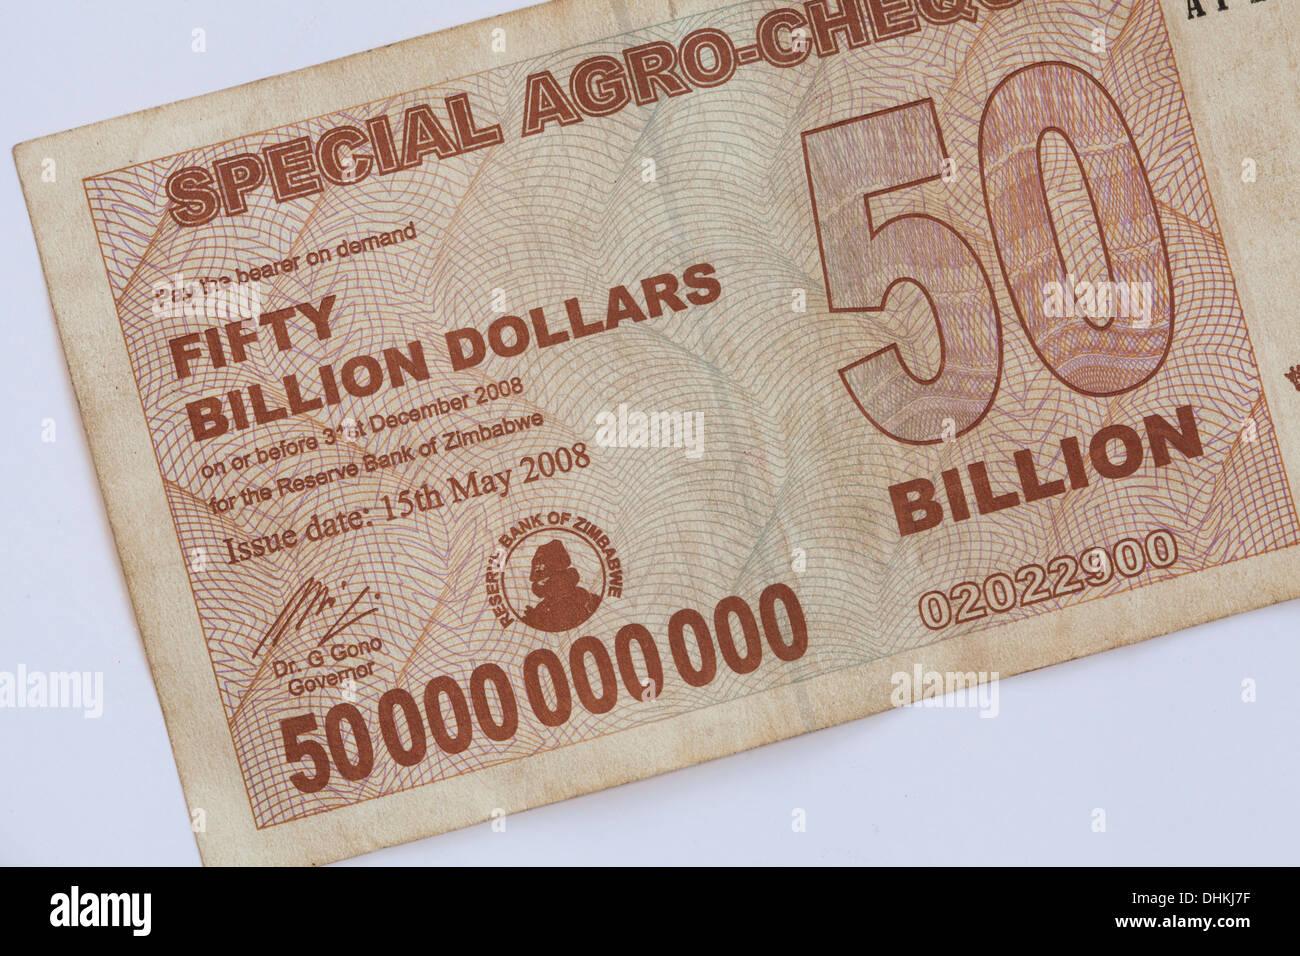 A 50 milliards de dollar du Zimbabwe Remarque - le dollar du Zimbabwe est la devise officielle du Zimbabwe depuis 1980 au 12 avril 2009 Photo Stock